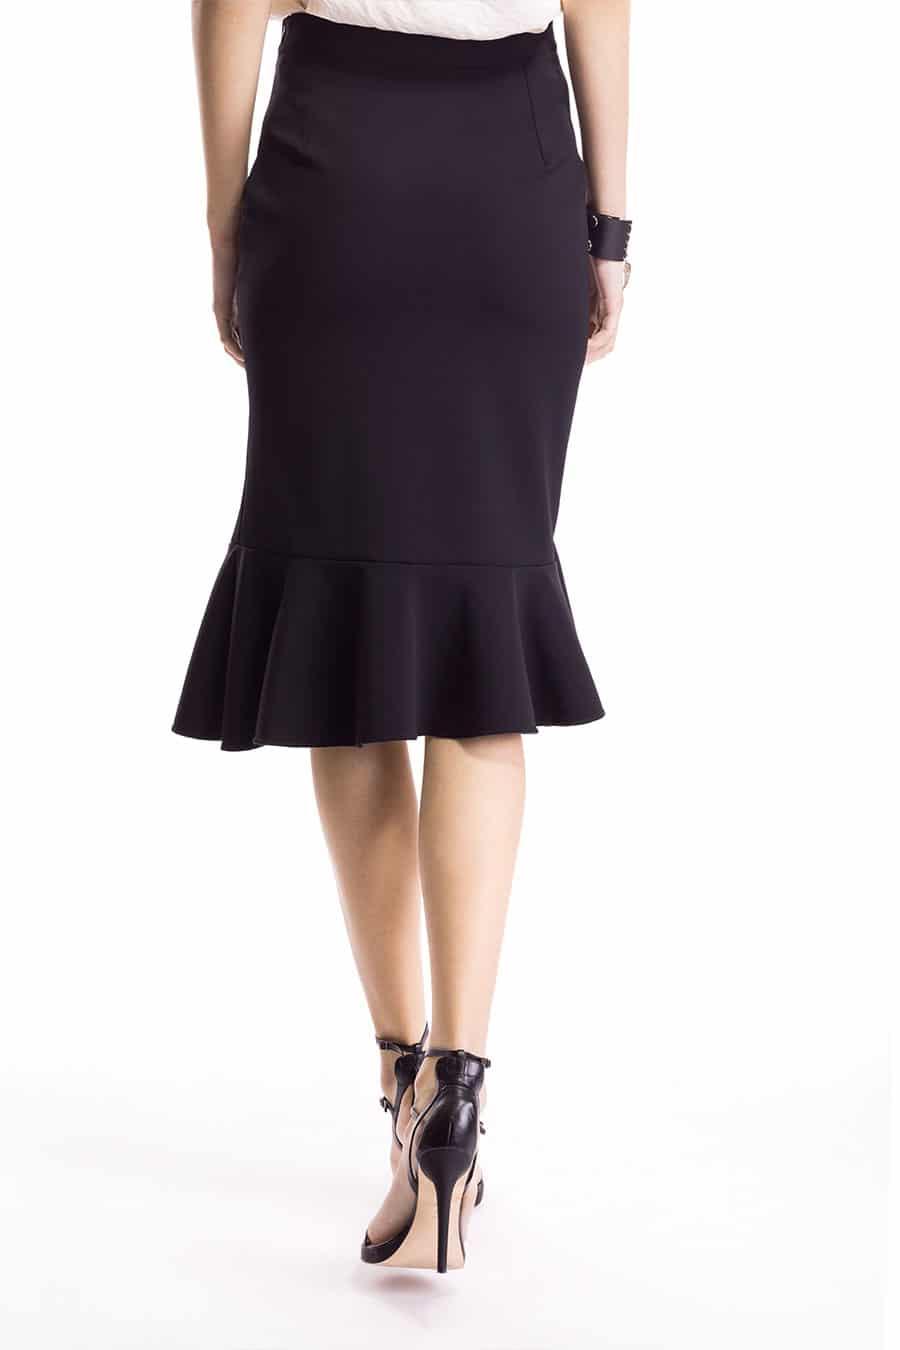 Ženska suknja JG5280